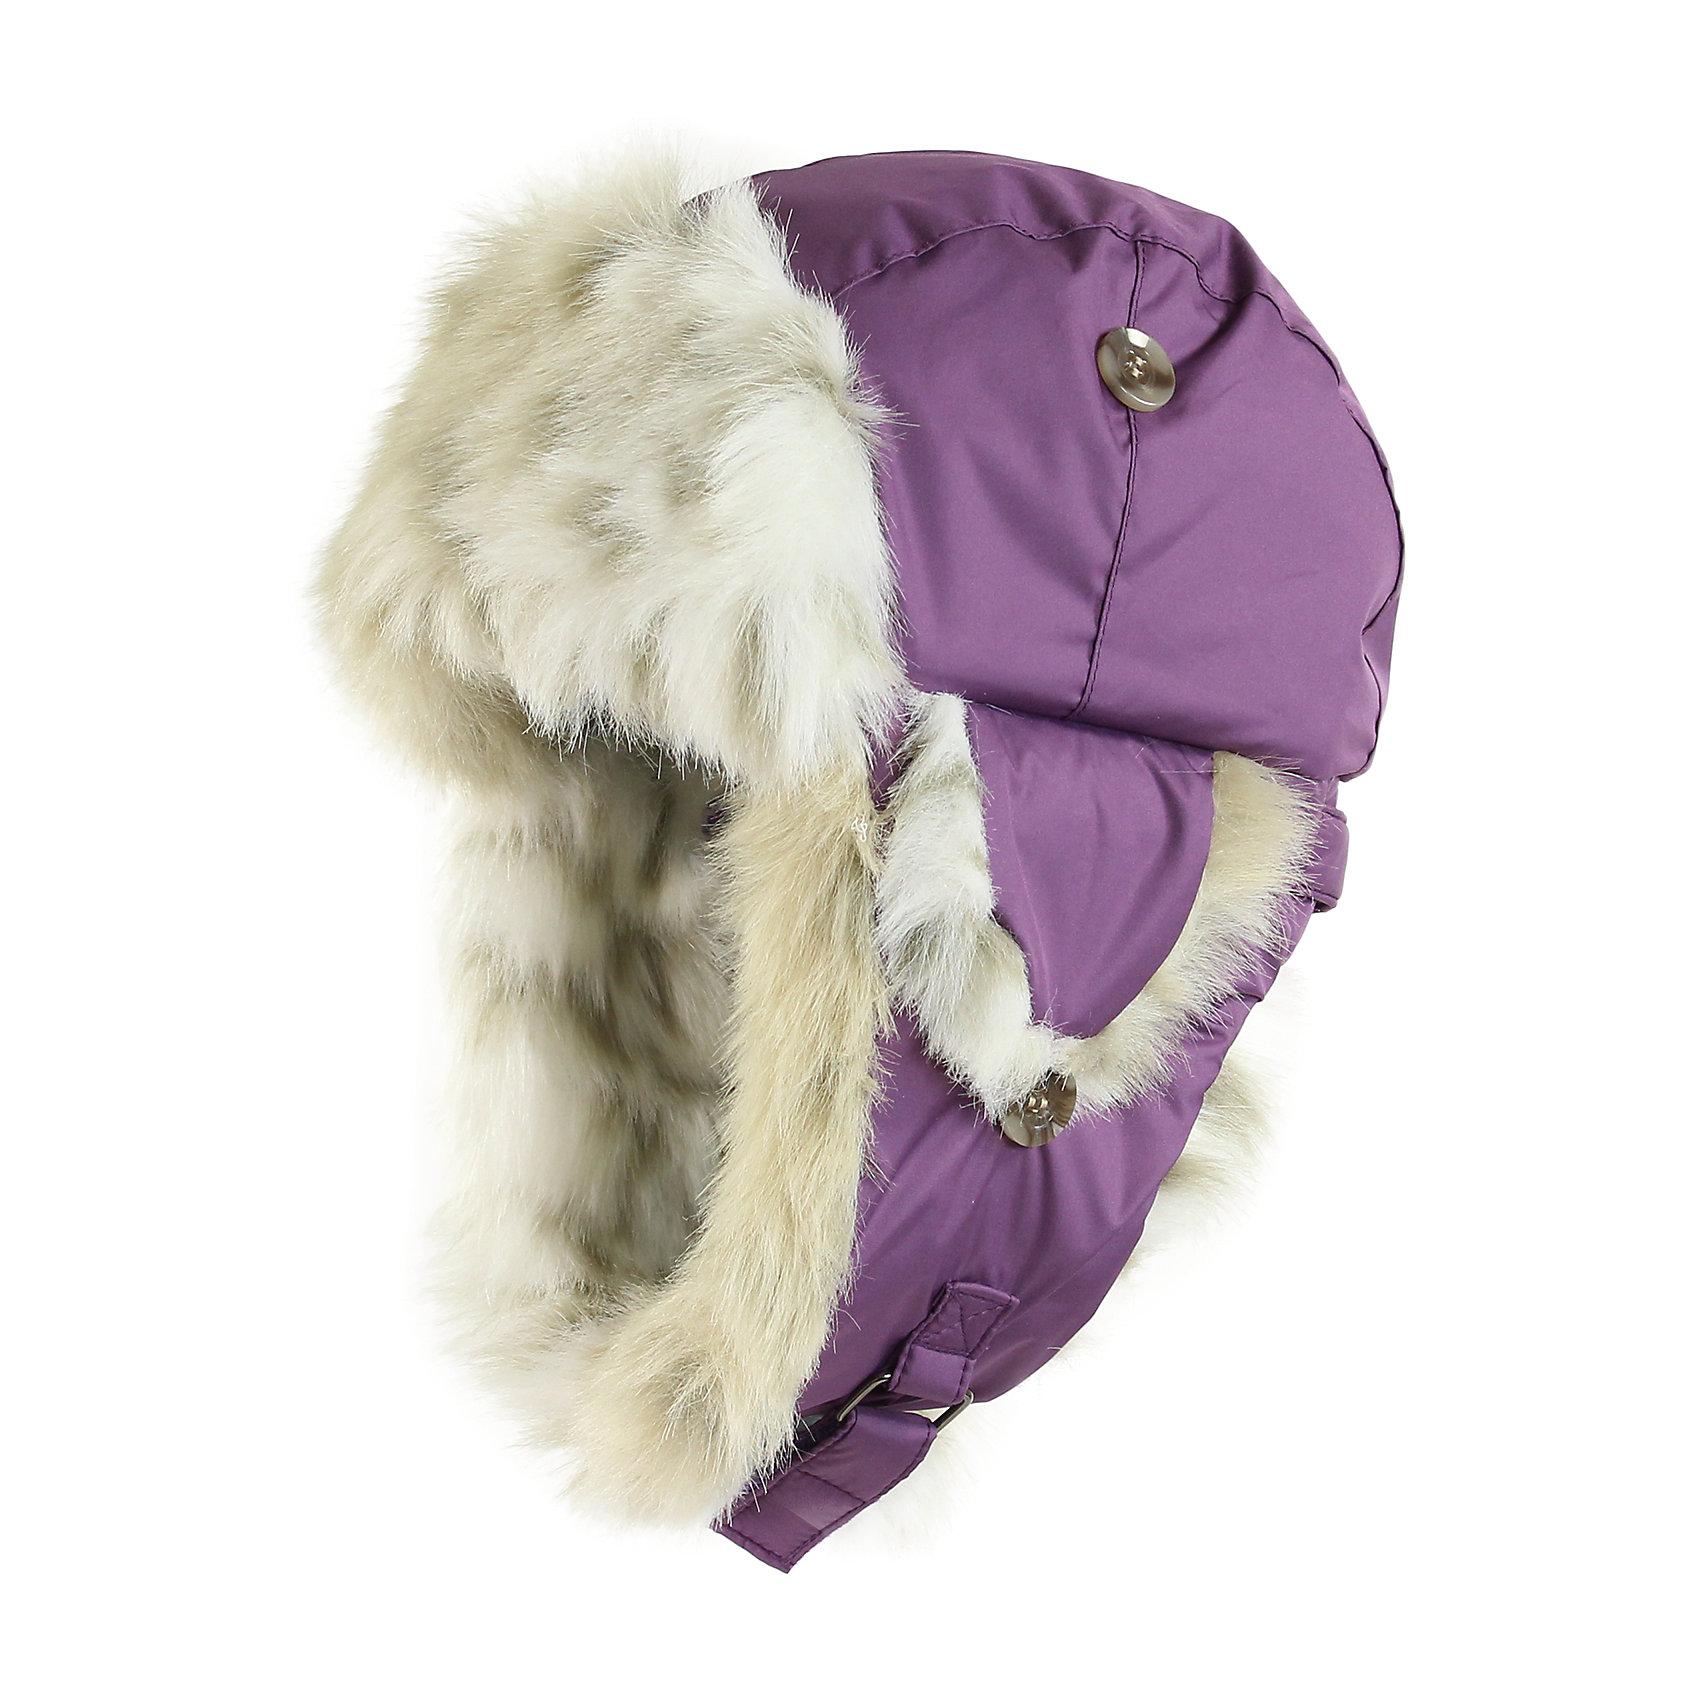 Шапка для девочки HuppaЗимние<br>Зимняя шапка ярких цветов с легким ватином для малышей. У шапки подкладка из искусственного меха (80% акрила, 20% полиэстера) и дышащая - водоотталкивающая мягкая ткань из полиэстера. Для удобства ношения у шапки регулируемая верхняя часть и закрепляющиеся липучкой под подбородком клапаны. Клапаны шапки можно закрепить на макушке, приспосабливая для себя. <br><br>Шапку для девочки Huppa (Хуппа) можно купить в нашем магазине.<br><br>Ширина мм: 89<br>Глубина мм: 117<br>Высота мм: 44<br>Вес г: 155<br>Цвет: фиолетовый<br>Возраст от месяцев: 2<br>Возраст до месяцев: 5<br>Пол: Женский<br>Возраст: Детский<br>Размер: 39-43,47-49,43-45,51-53<br>SKU: 4243120